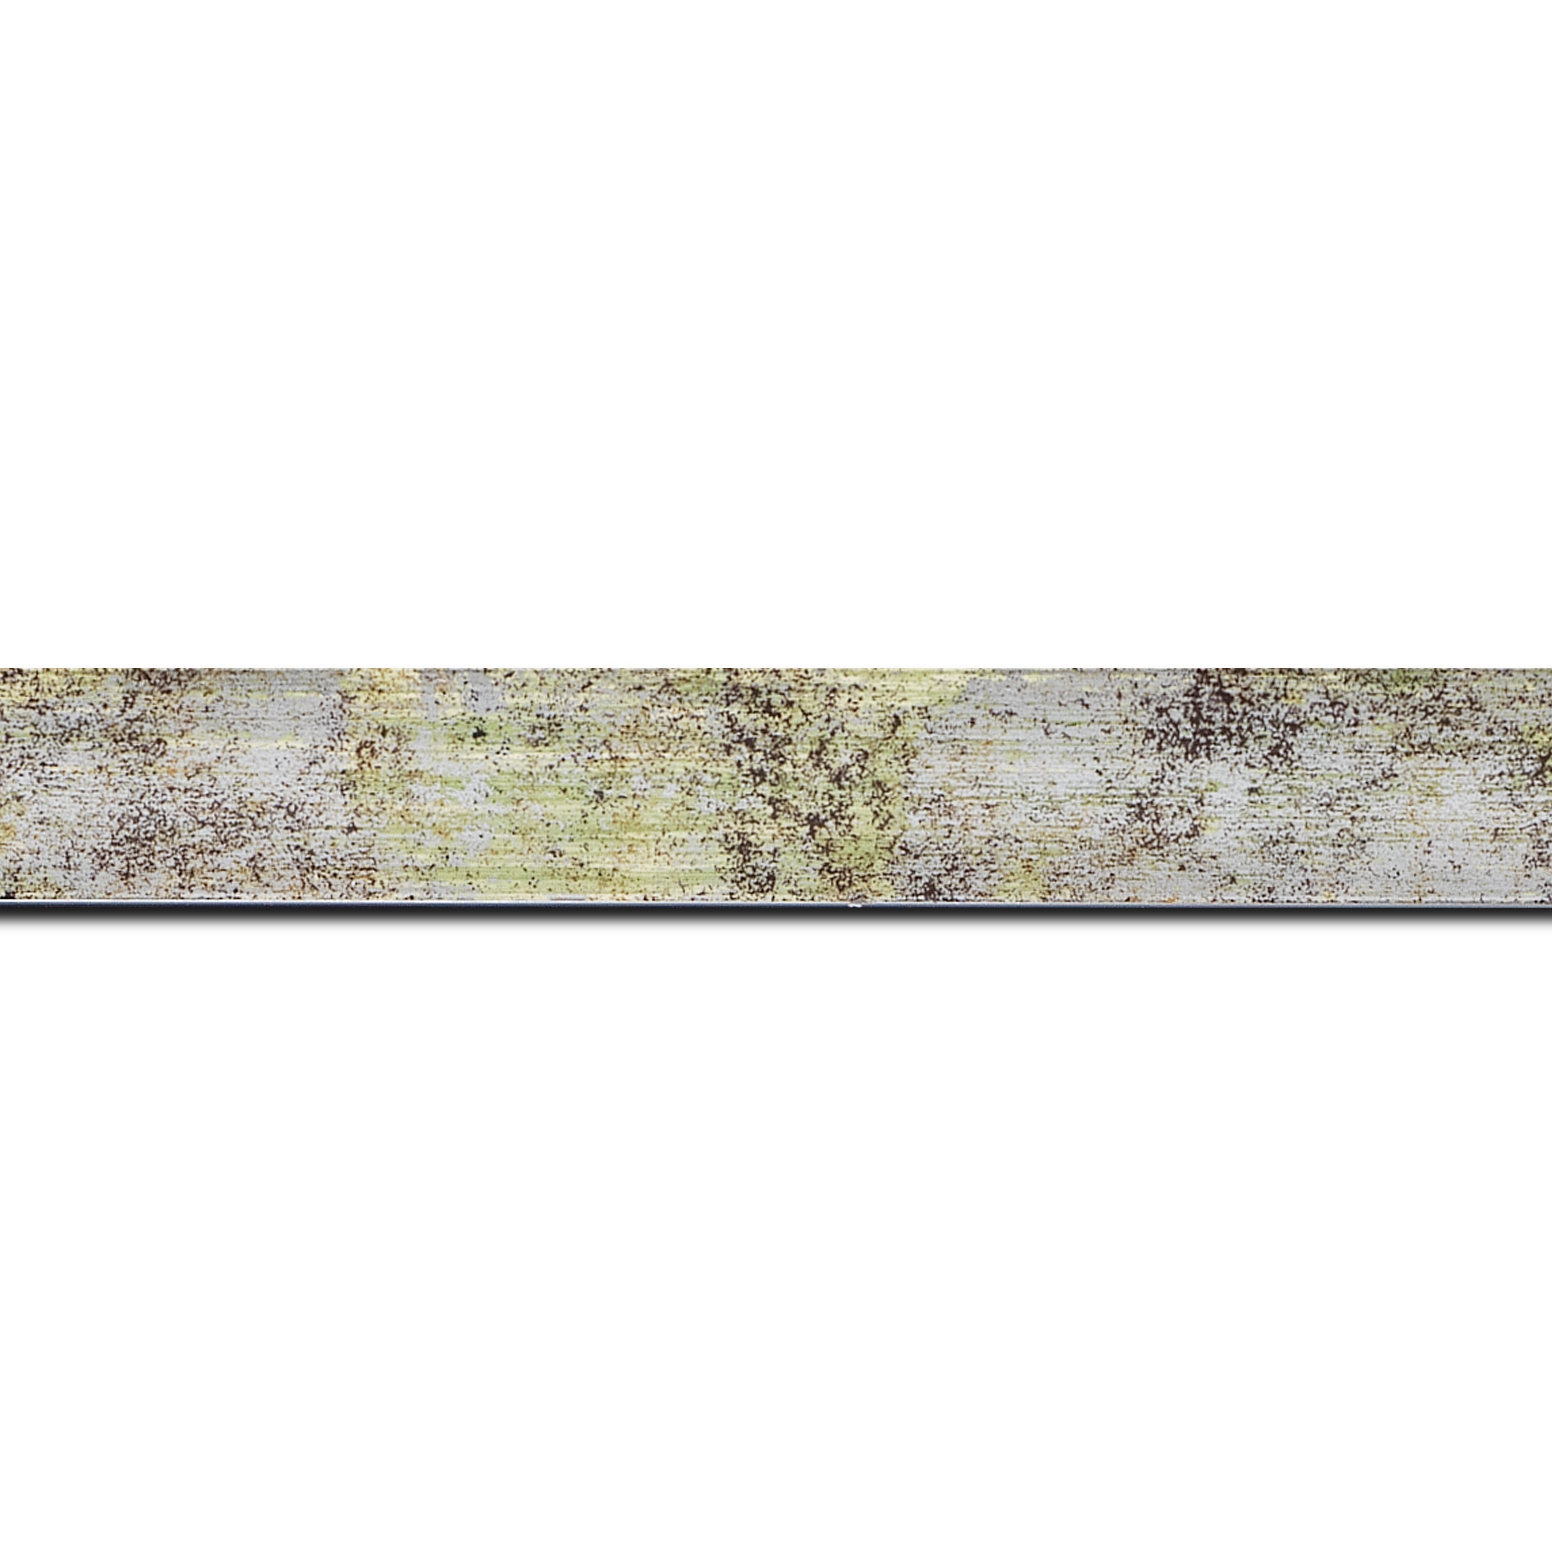 Baguette longueur 1.40m bois profil concave largeur 2.4cm de couleur vert moucheté fond argent